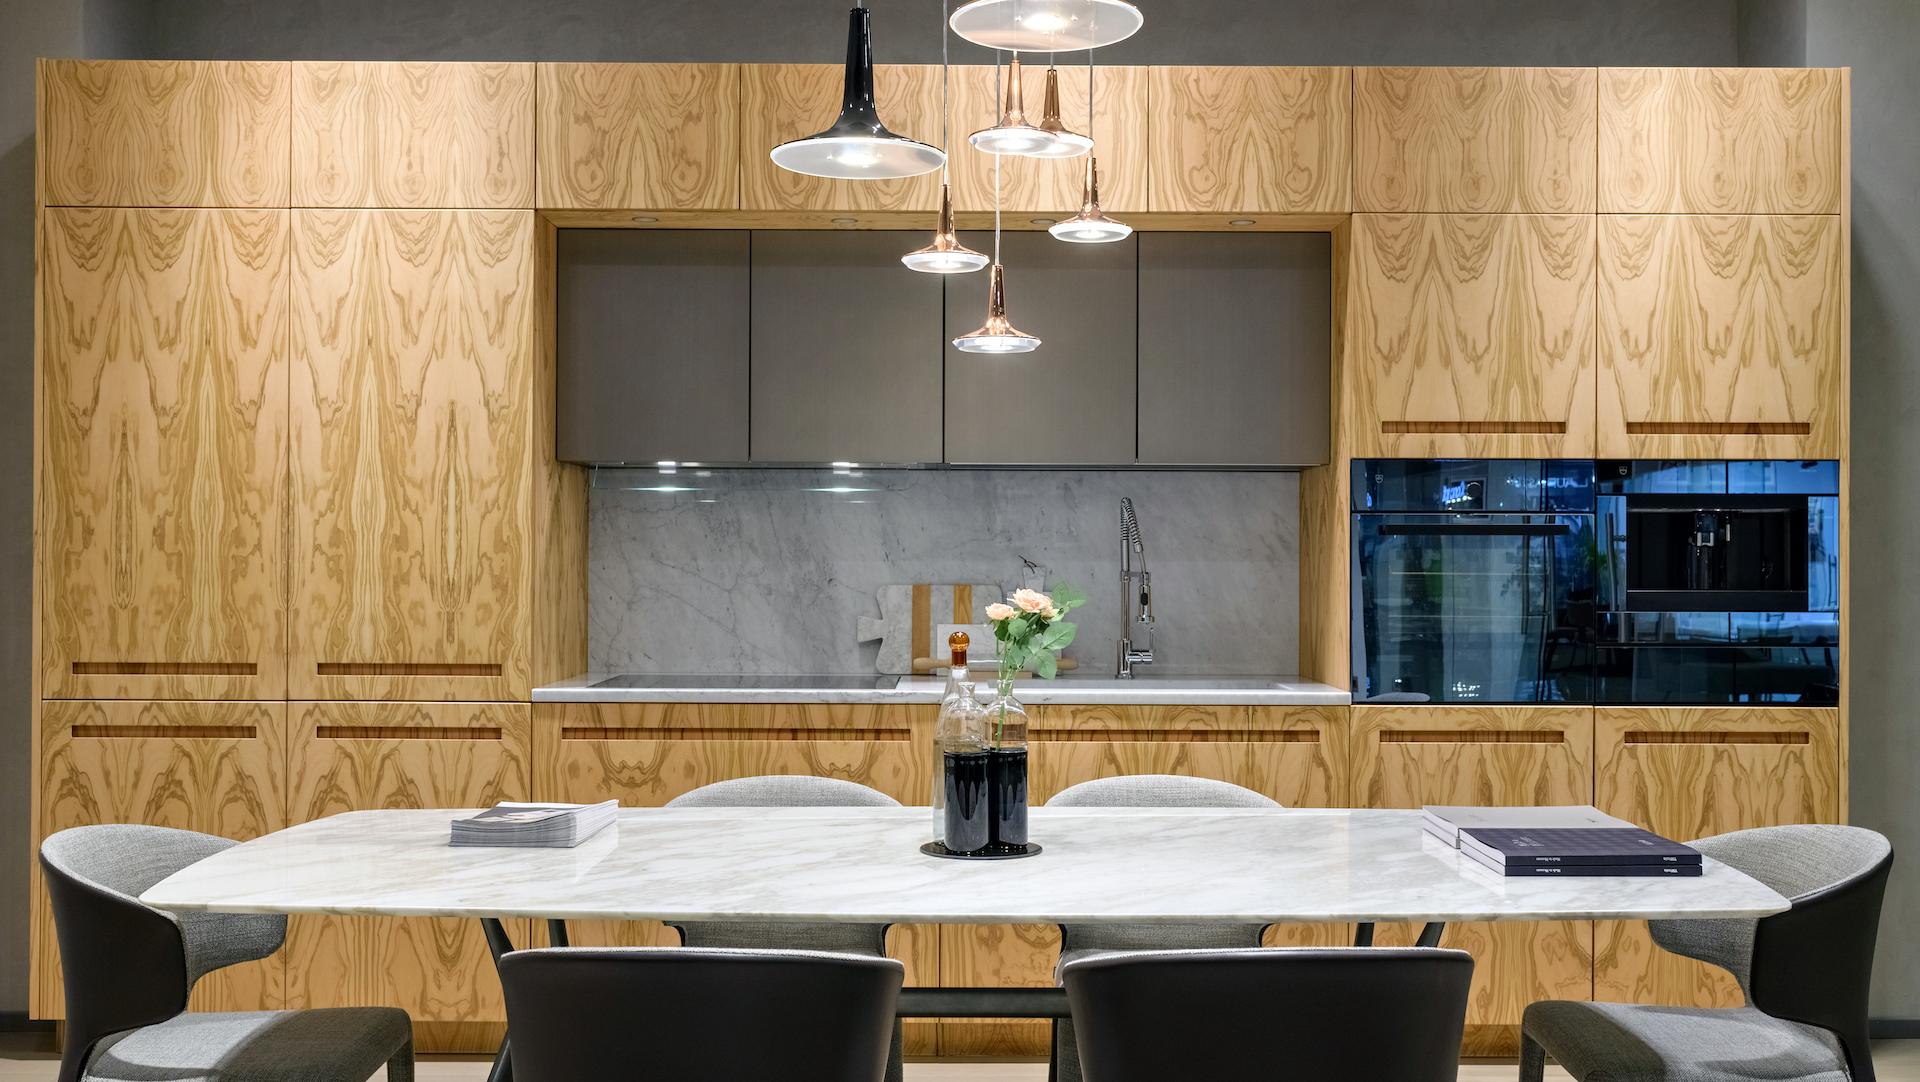 Cucina lineare su concept D90 realizzata da TM Italia a Kiev - TMItalia_D90-a-Kiev_gallery01